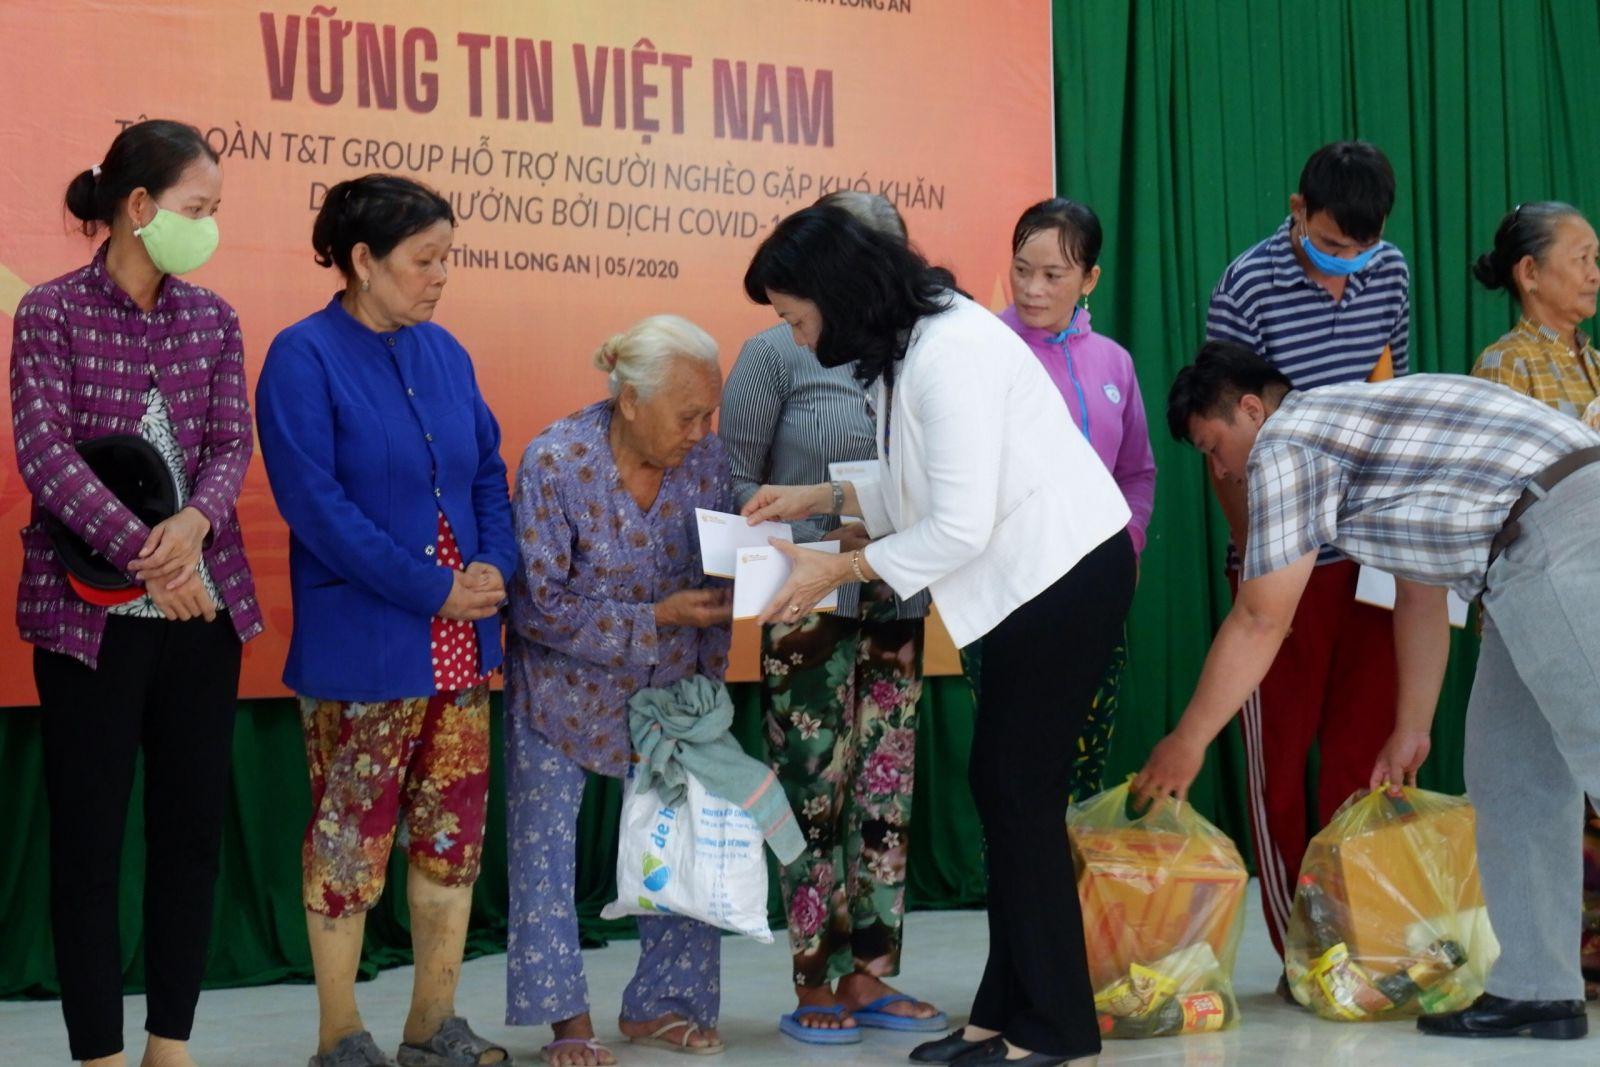 Phó Chủ tịch UBMTTQ Việt Nam tỉnh - Phạm Ngọc Tiệp tặng quà cho người dân có hoàn cảnh khó khăn